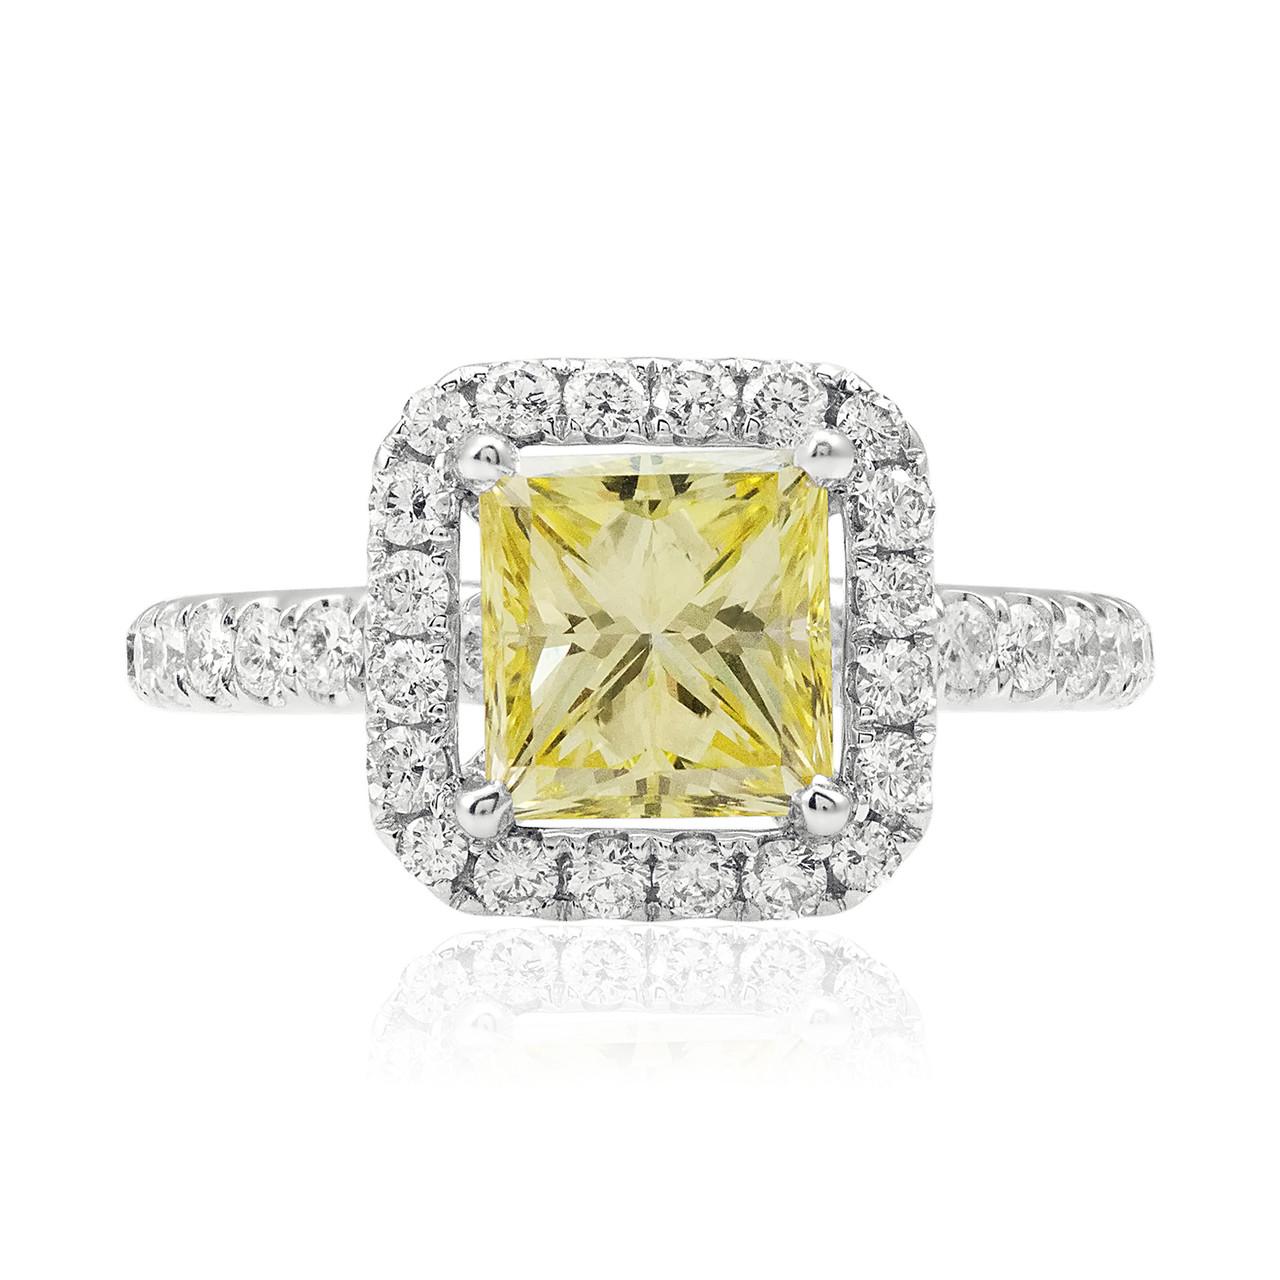 18k White Gold 3 06ct Canary Yellow Princess Cut Diamond